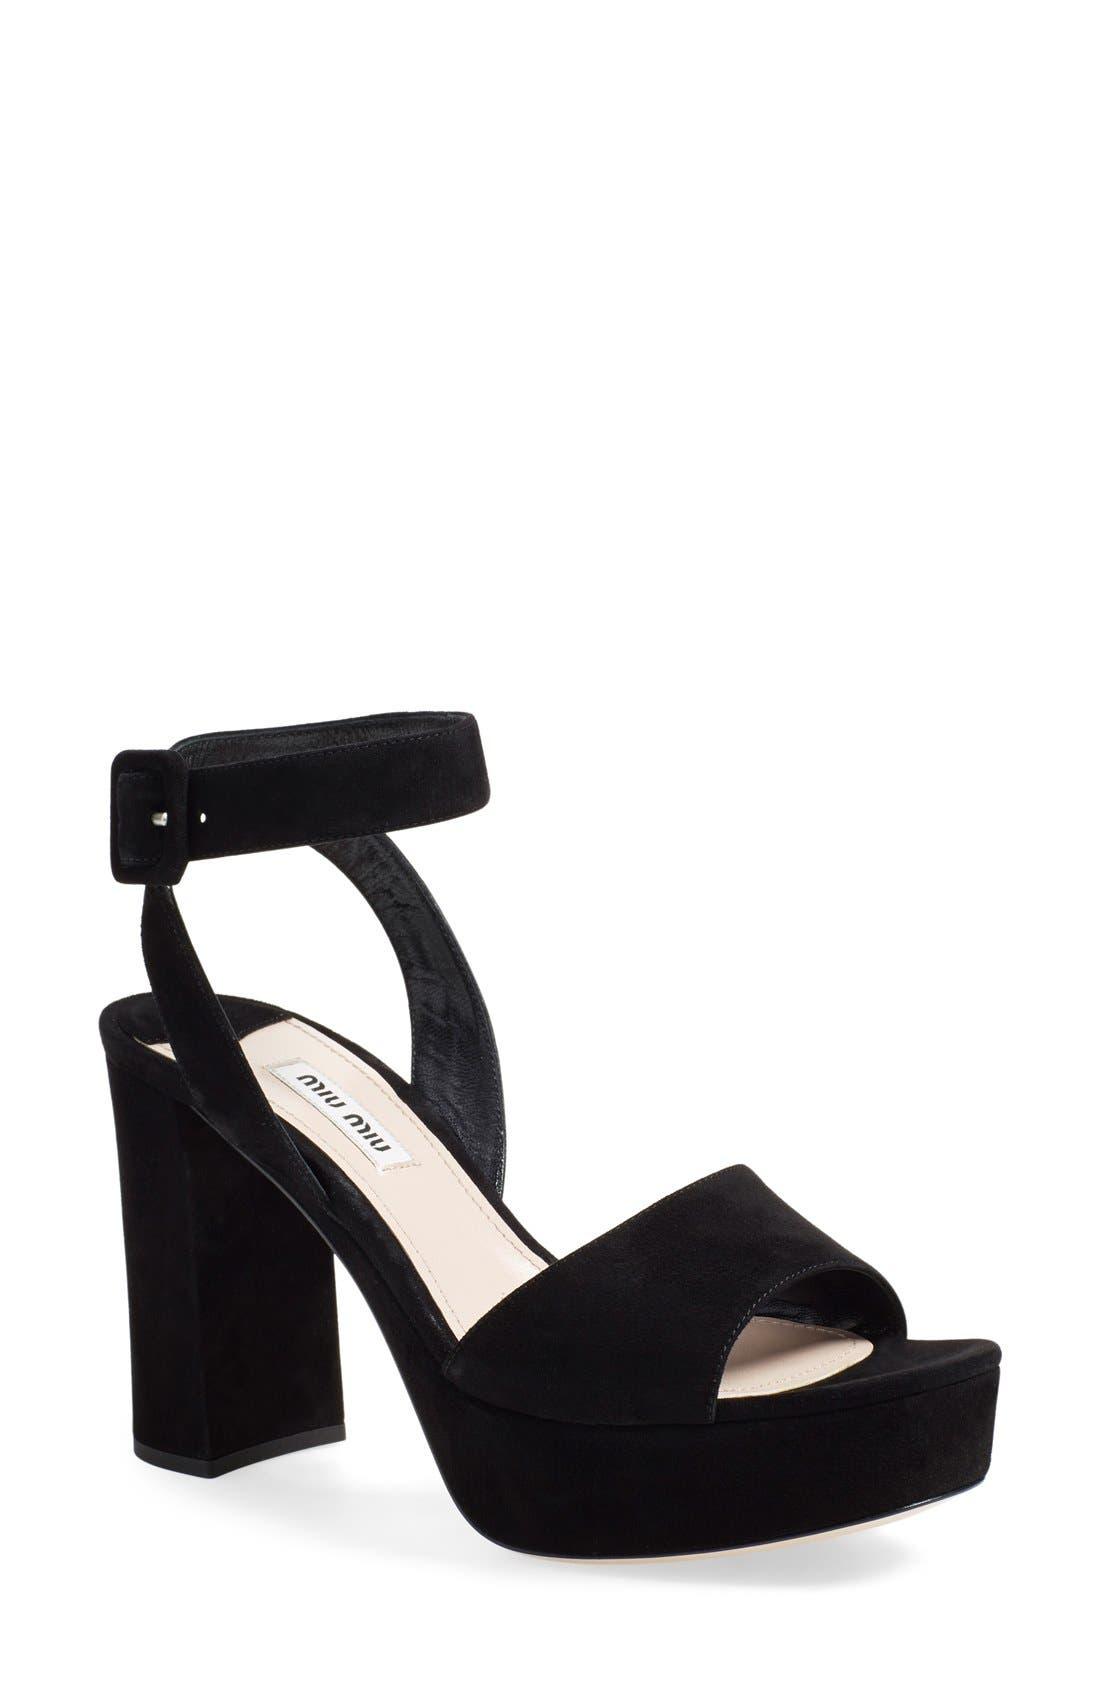 MIU MIU 'Sandali' Ankle Strap Sandal